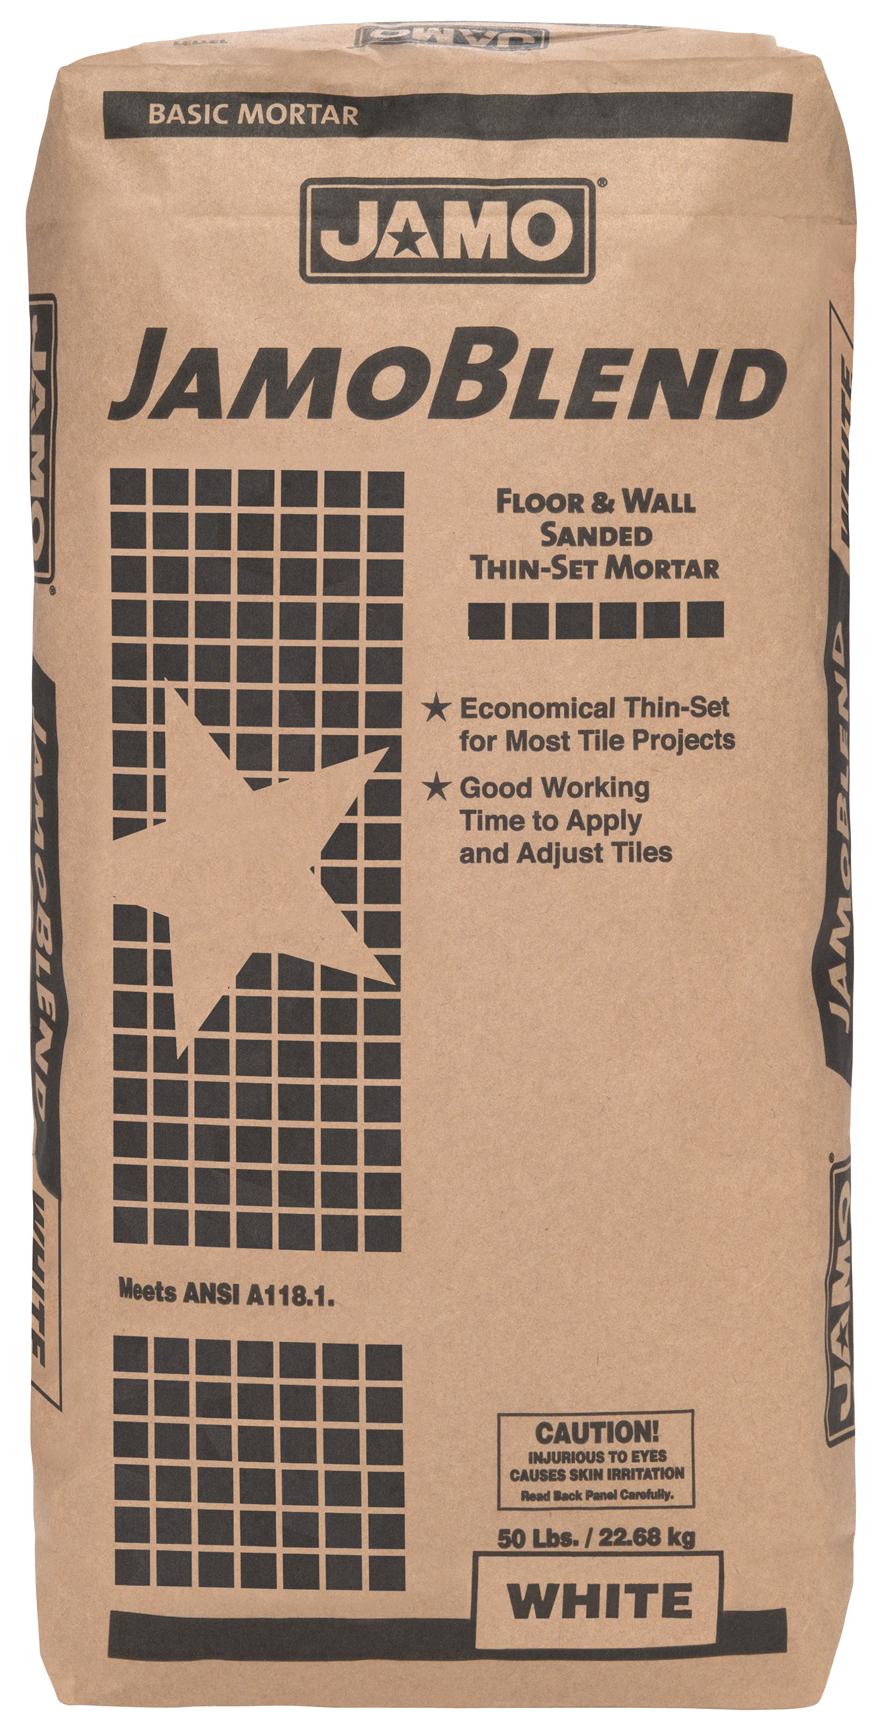 - El JAMO BLEND es un mortero económico de capa delgada con arena recomendado para realizar instalaciones de baldosas cerámicas de tamaños hasta 30cm x 30cm en pisos y paredes. Tiene un buen tiempo de trabajo que permite instalar y ajustar las baldosas.